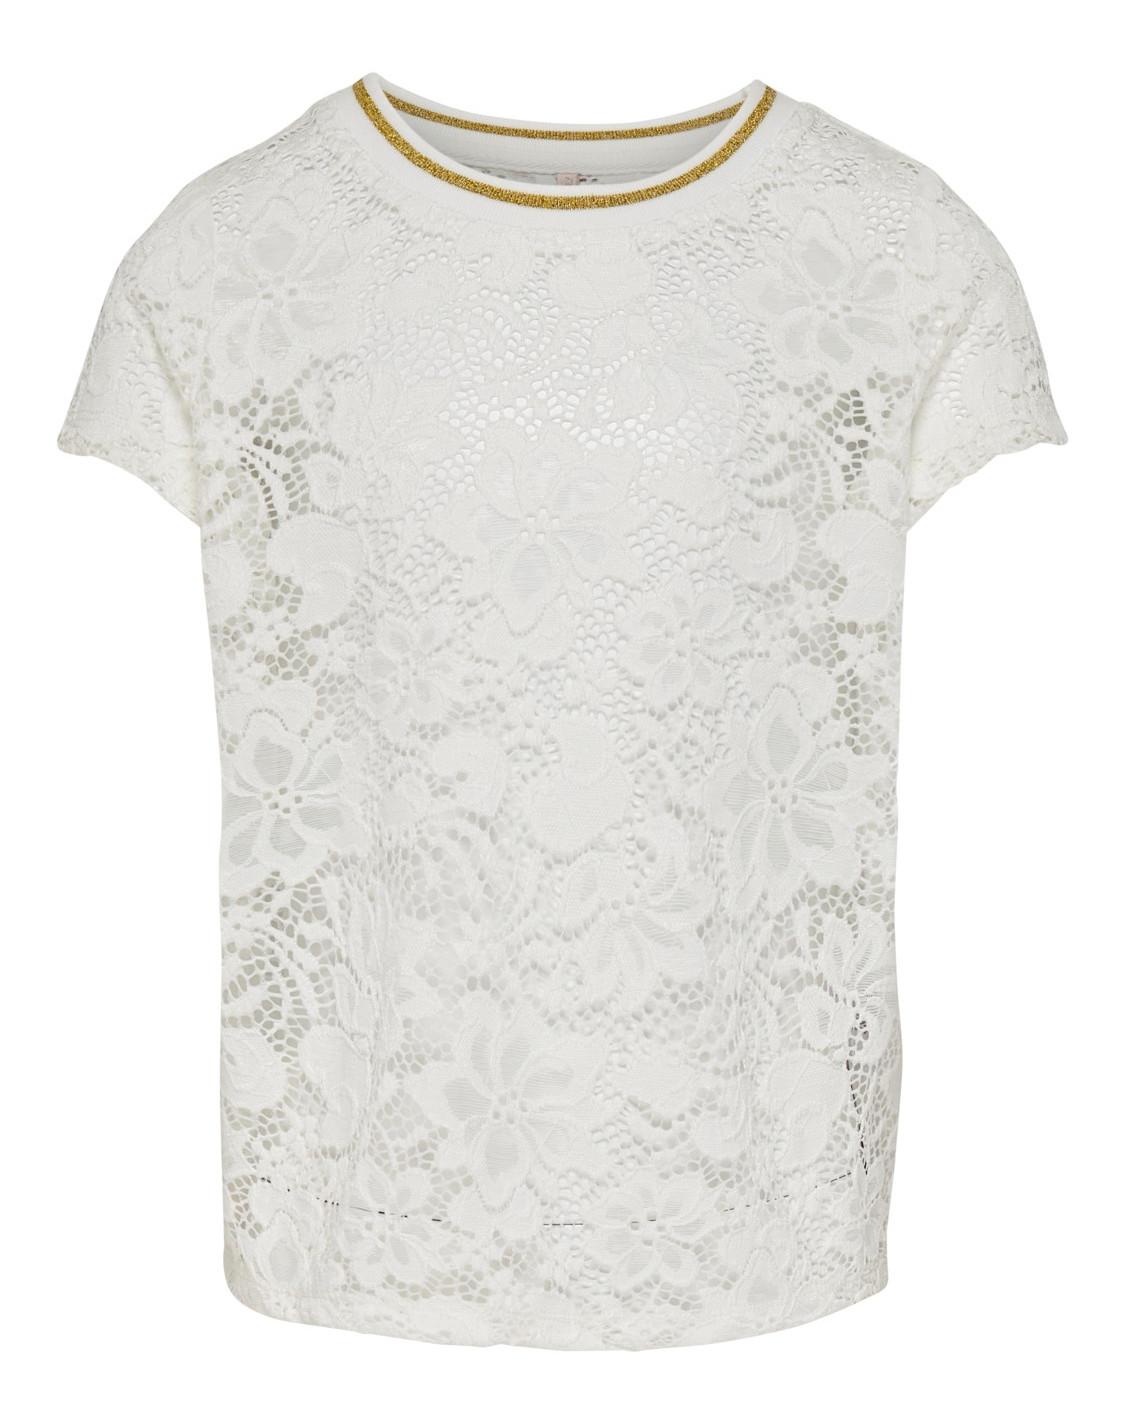 Kids Only Mädchen T-Shirt kurzarm Gr 110-164 Shirt KONBONNIE Snake yellow black